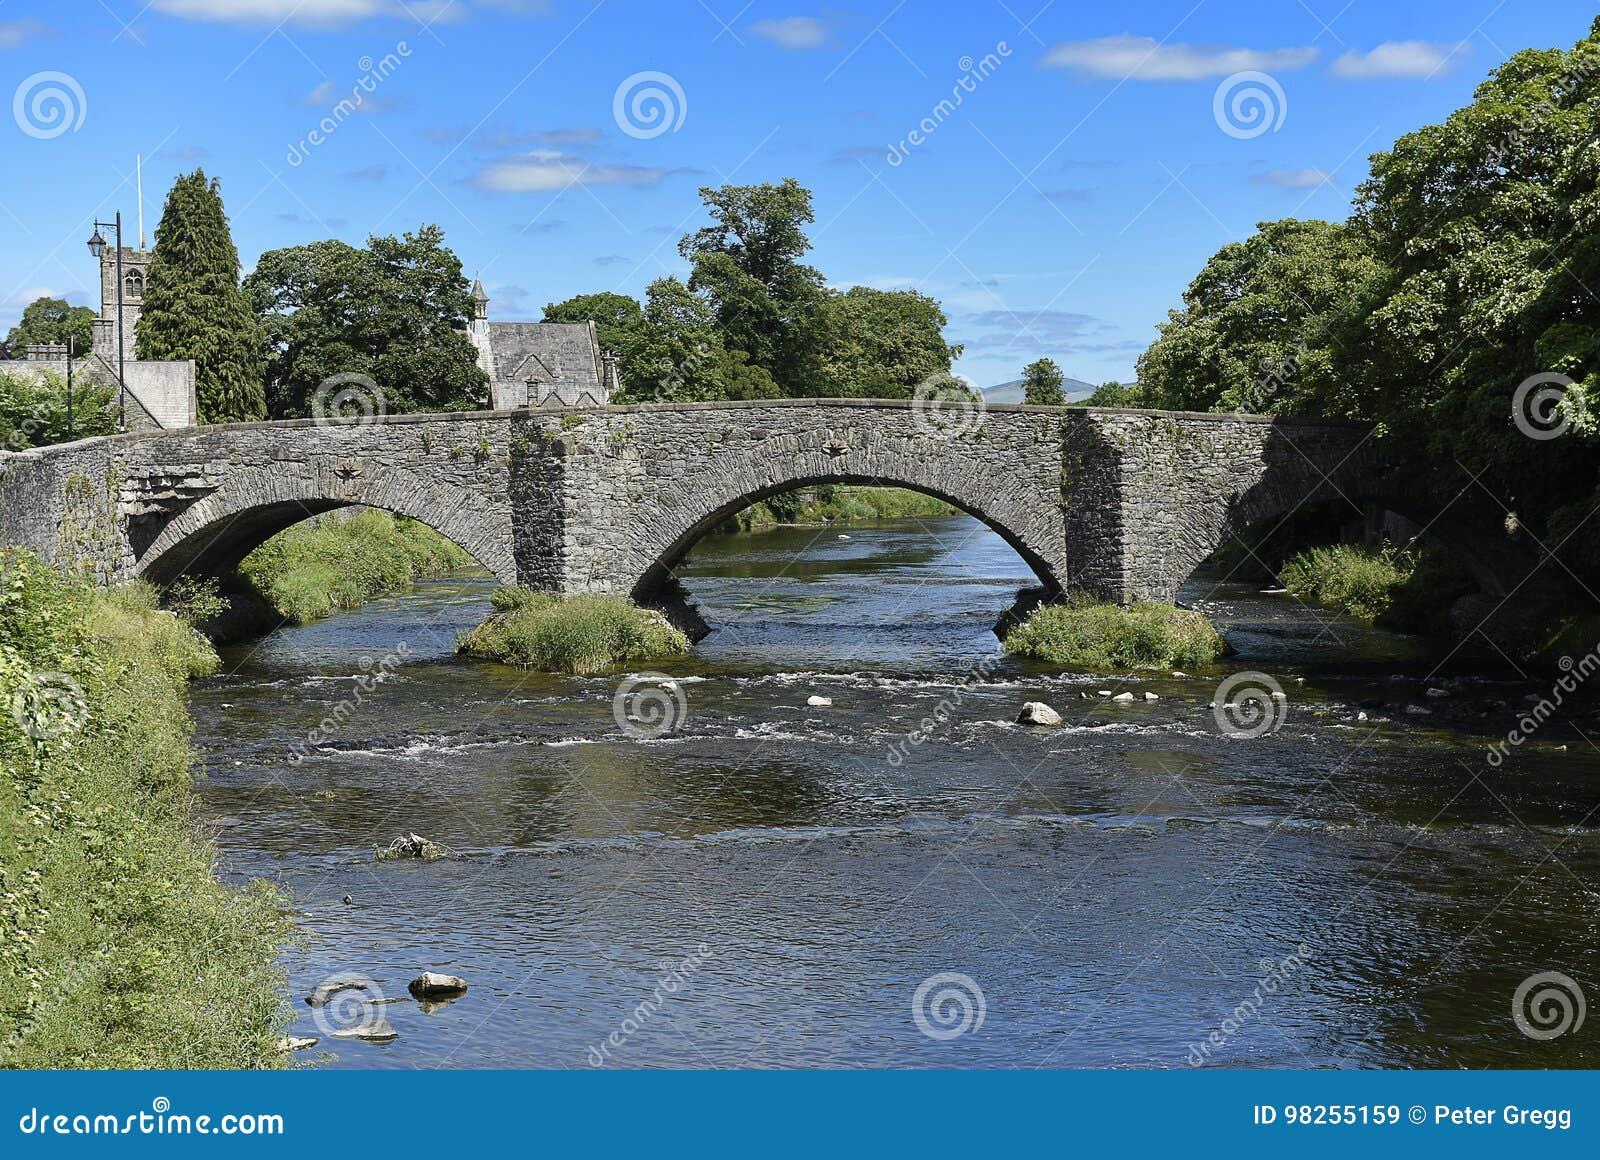 Nether Bridge in Kendal